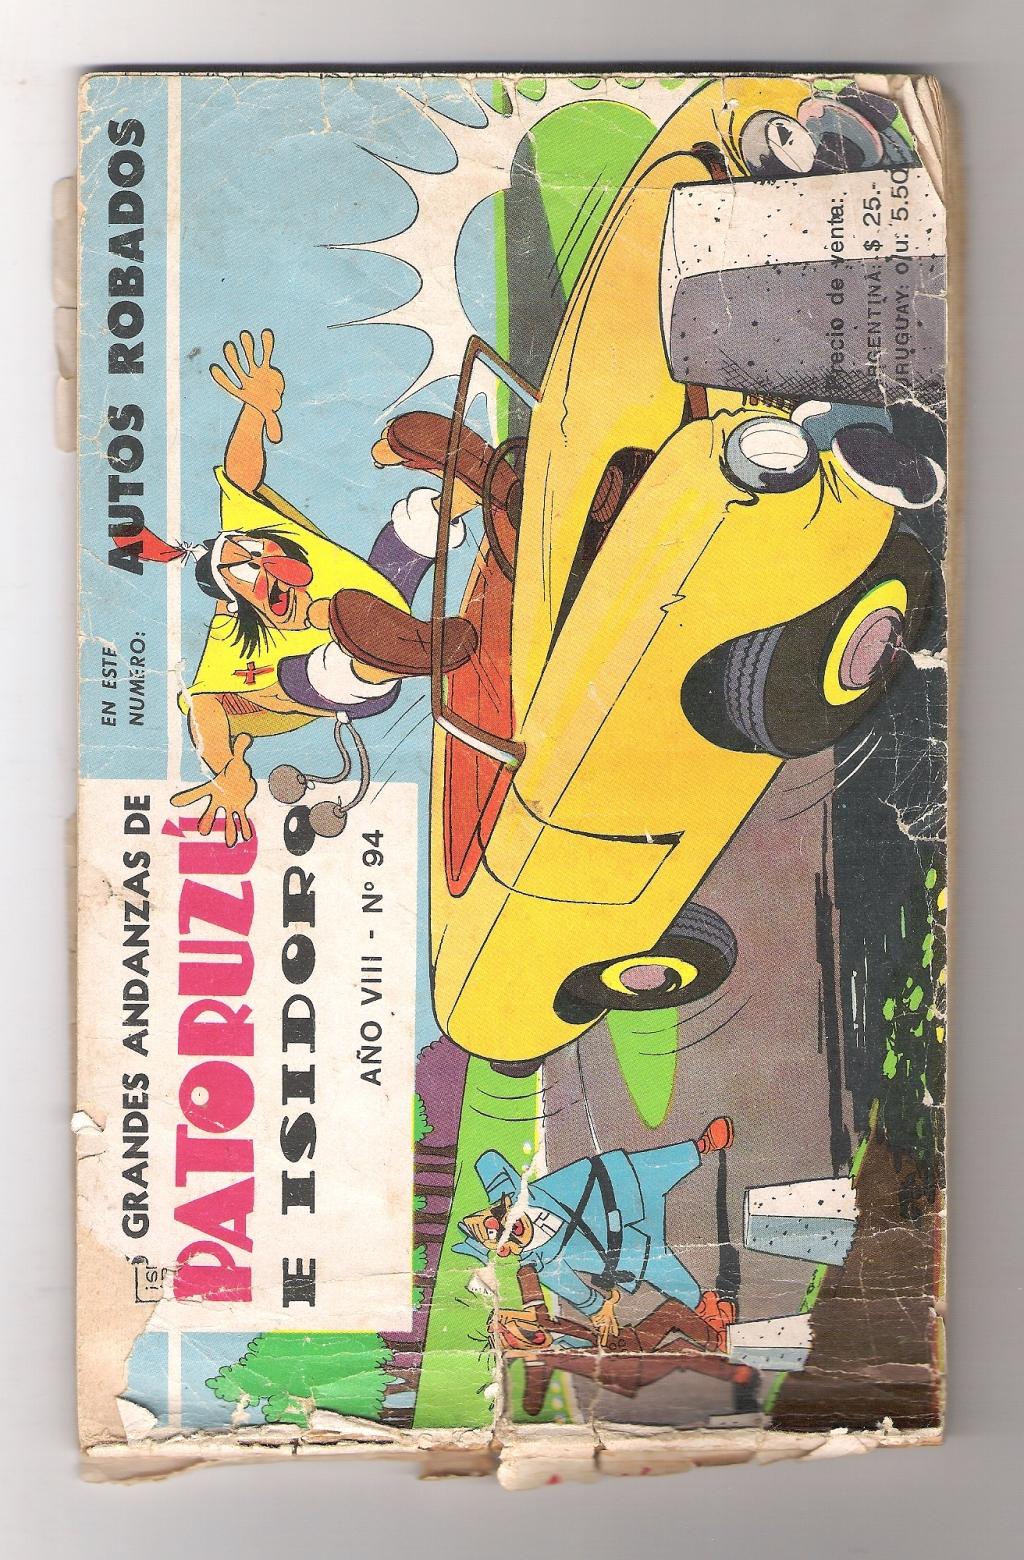 Impresa en Setiembre de 1964